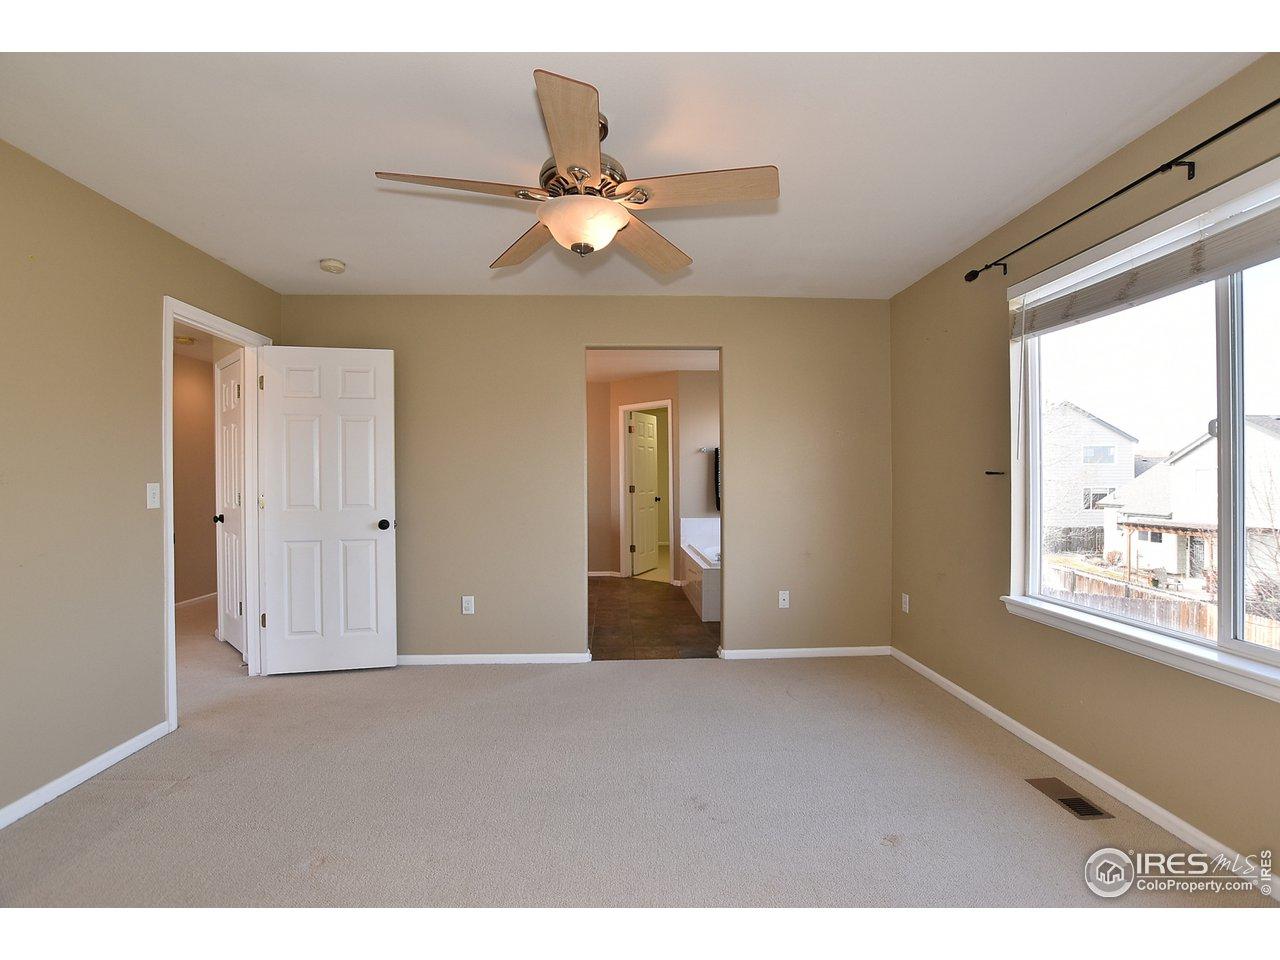 Master Bedroom W/ Ceiling Fan